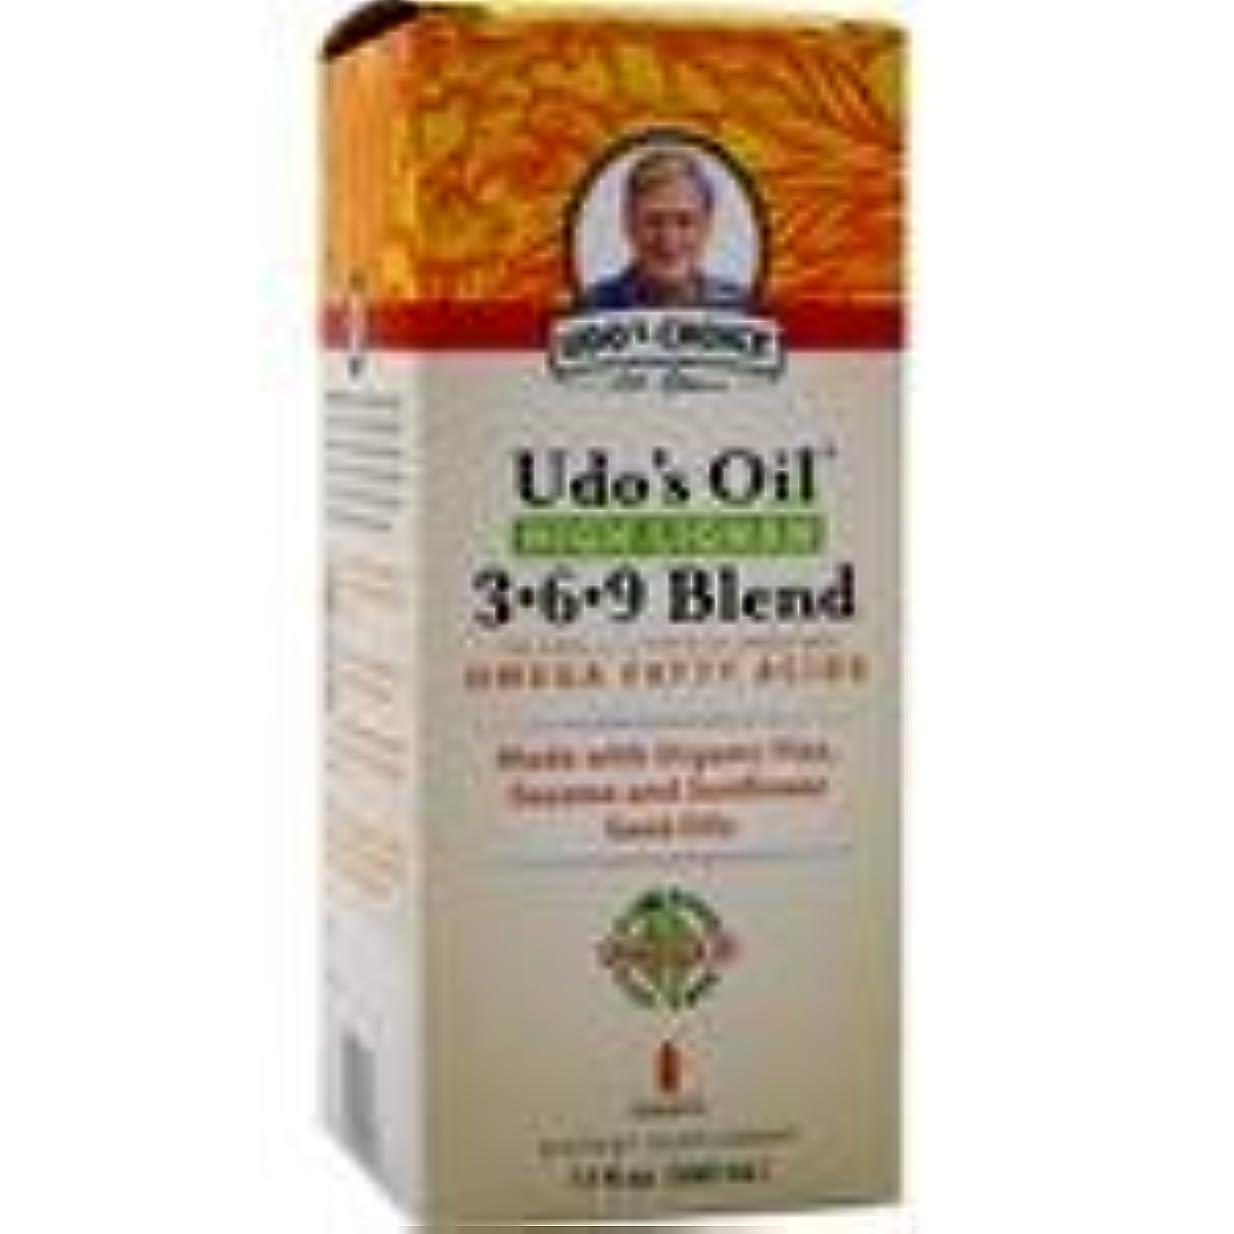 子羊浸すながらUdo's Oil High Lignan 3-6-9 Blend 17 fl.oz 4個パック